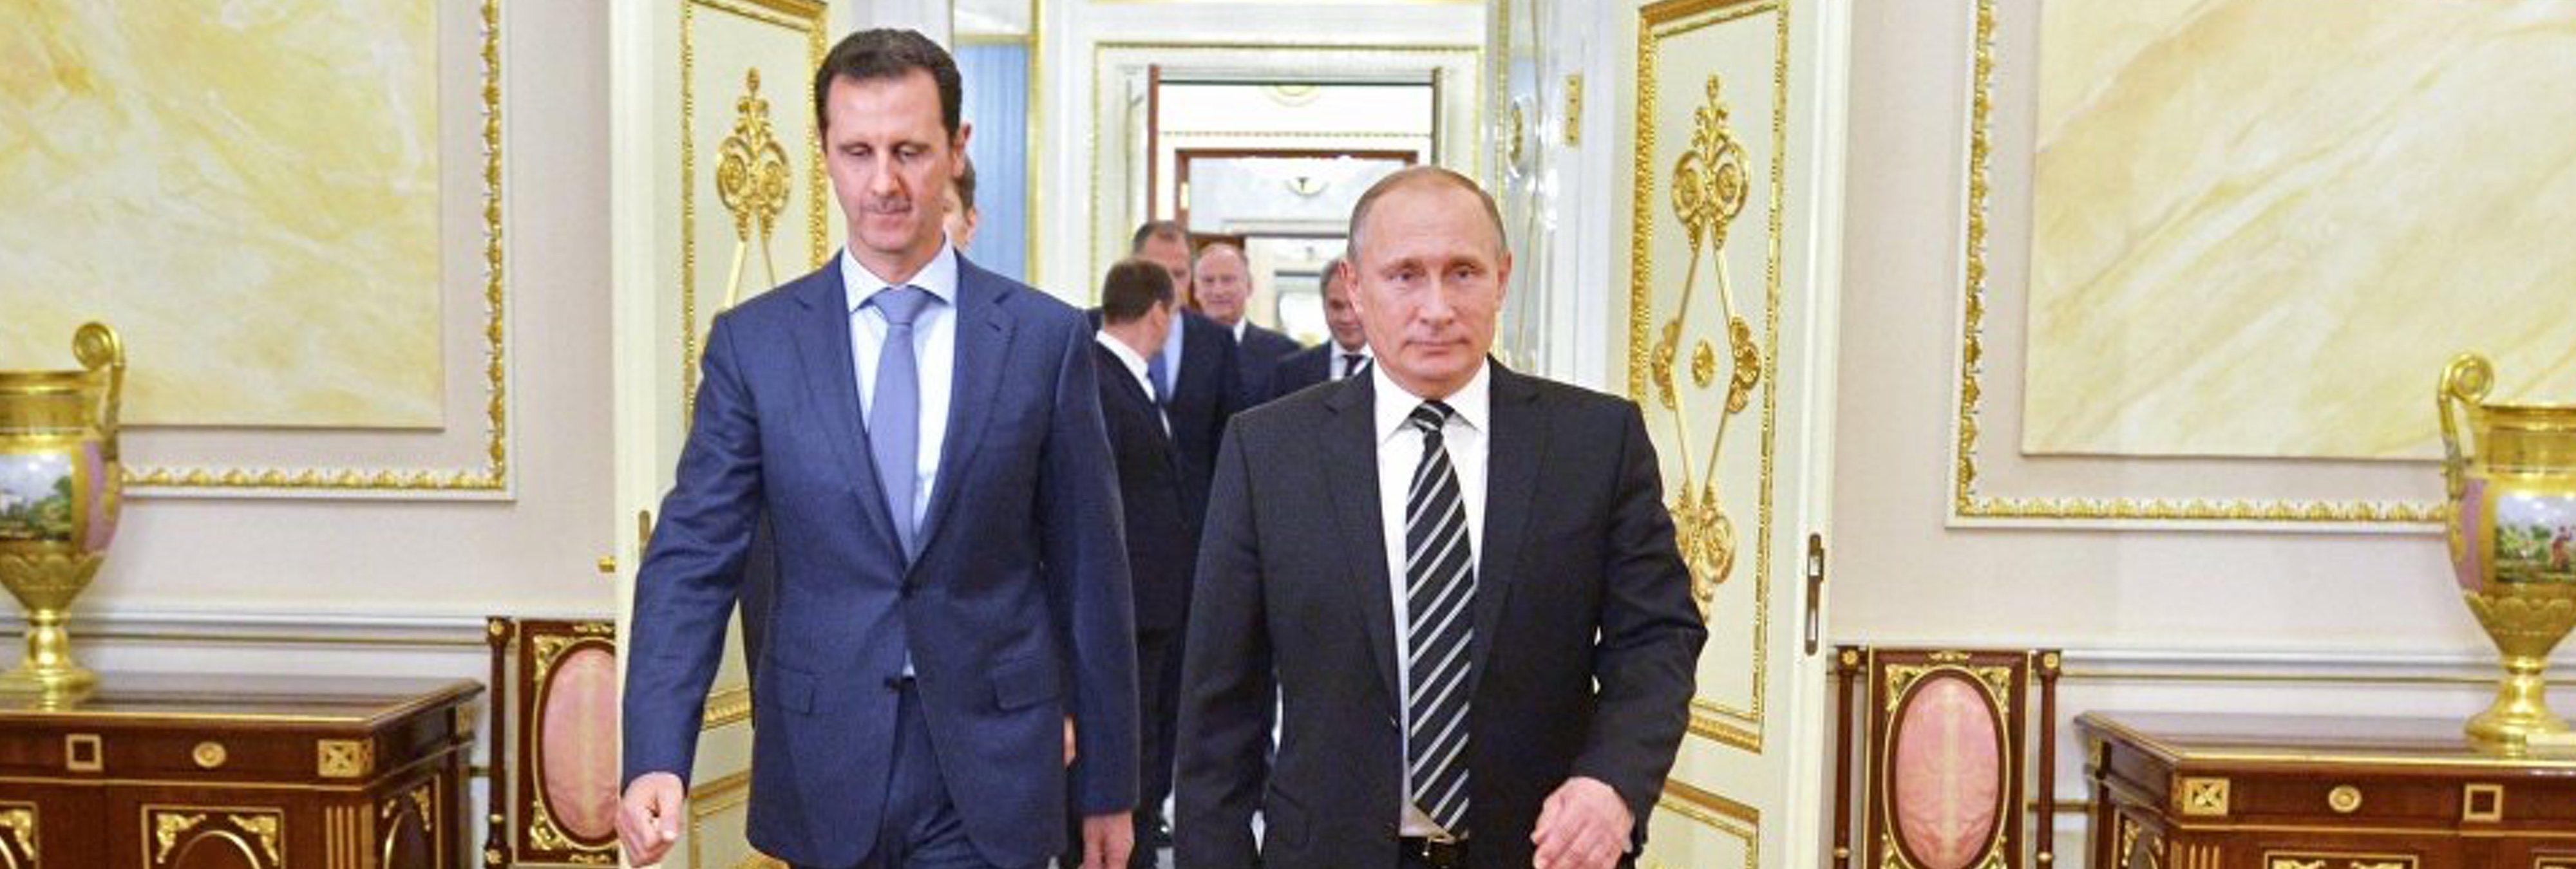 Por qué el ataque de EEUU a Siria sólo refuerza a Al Assad en el poder